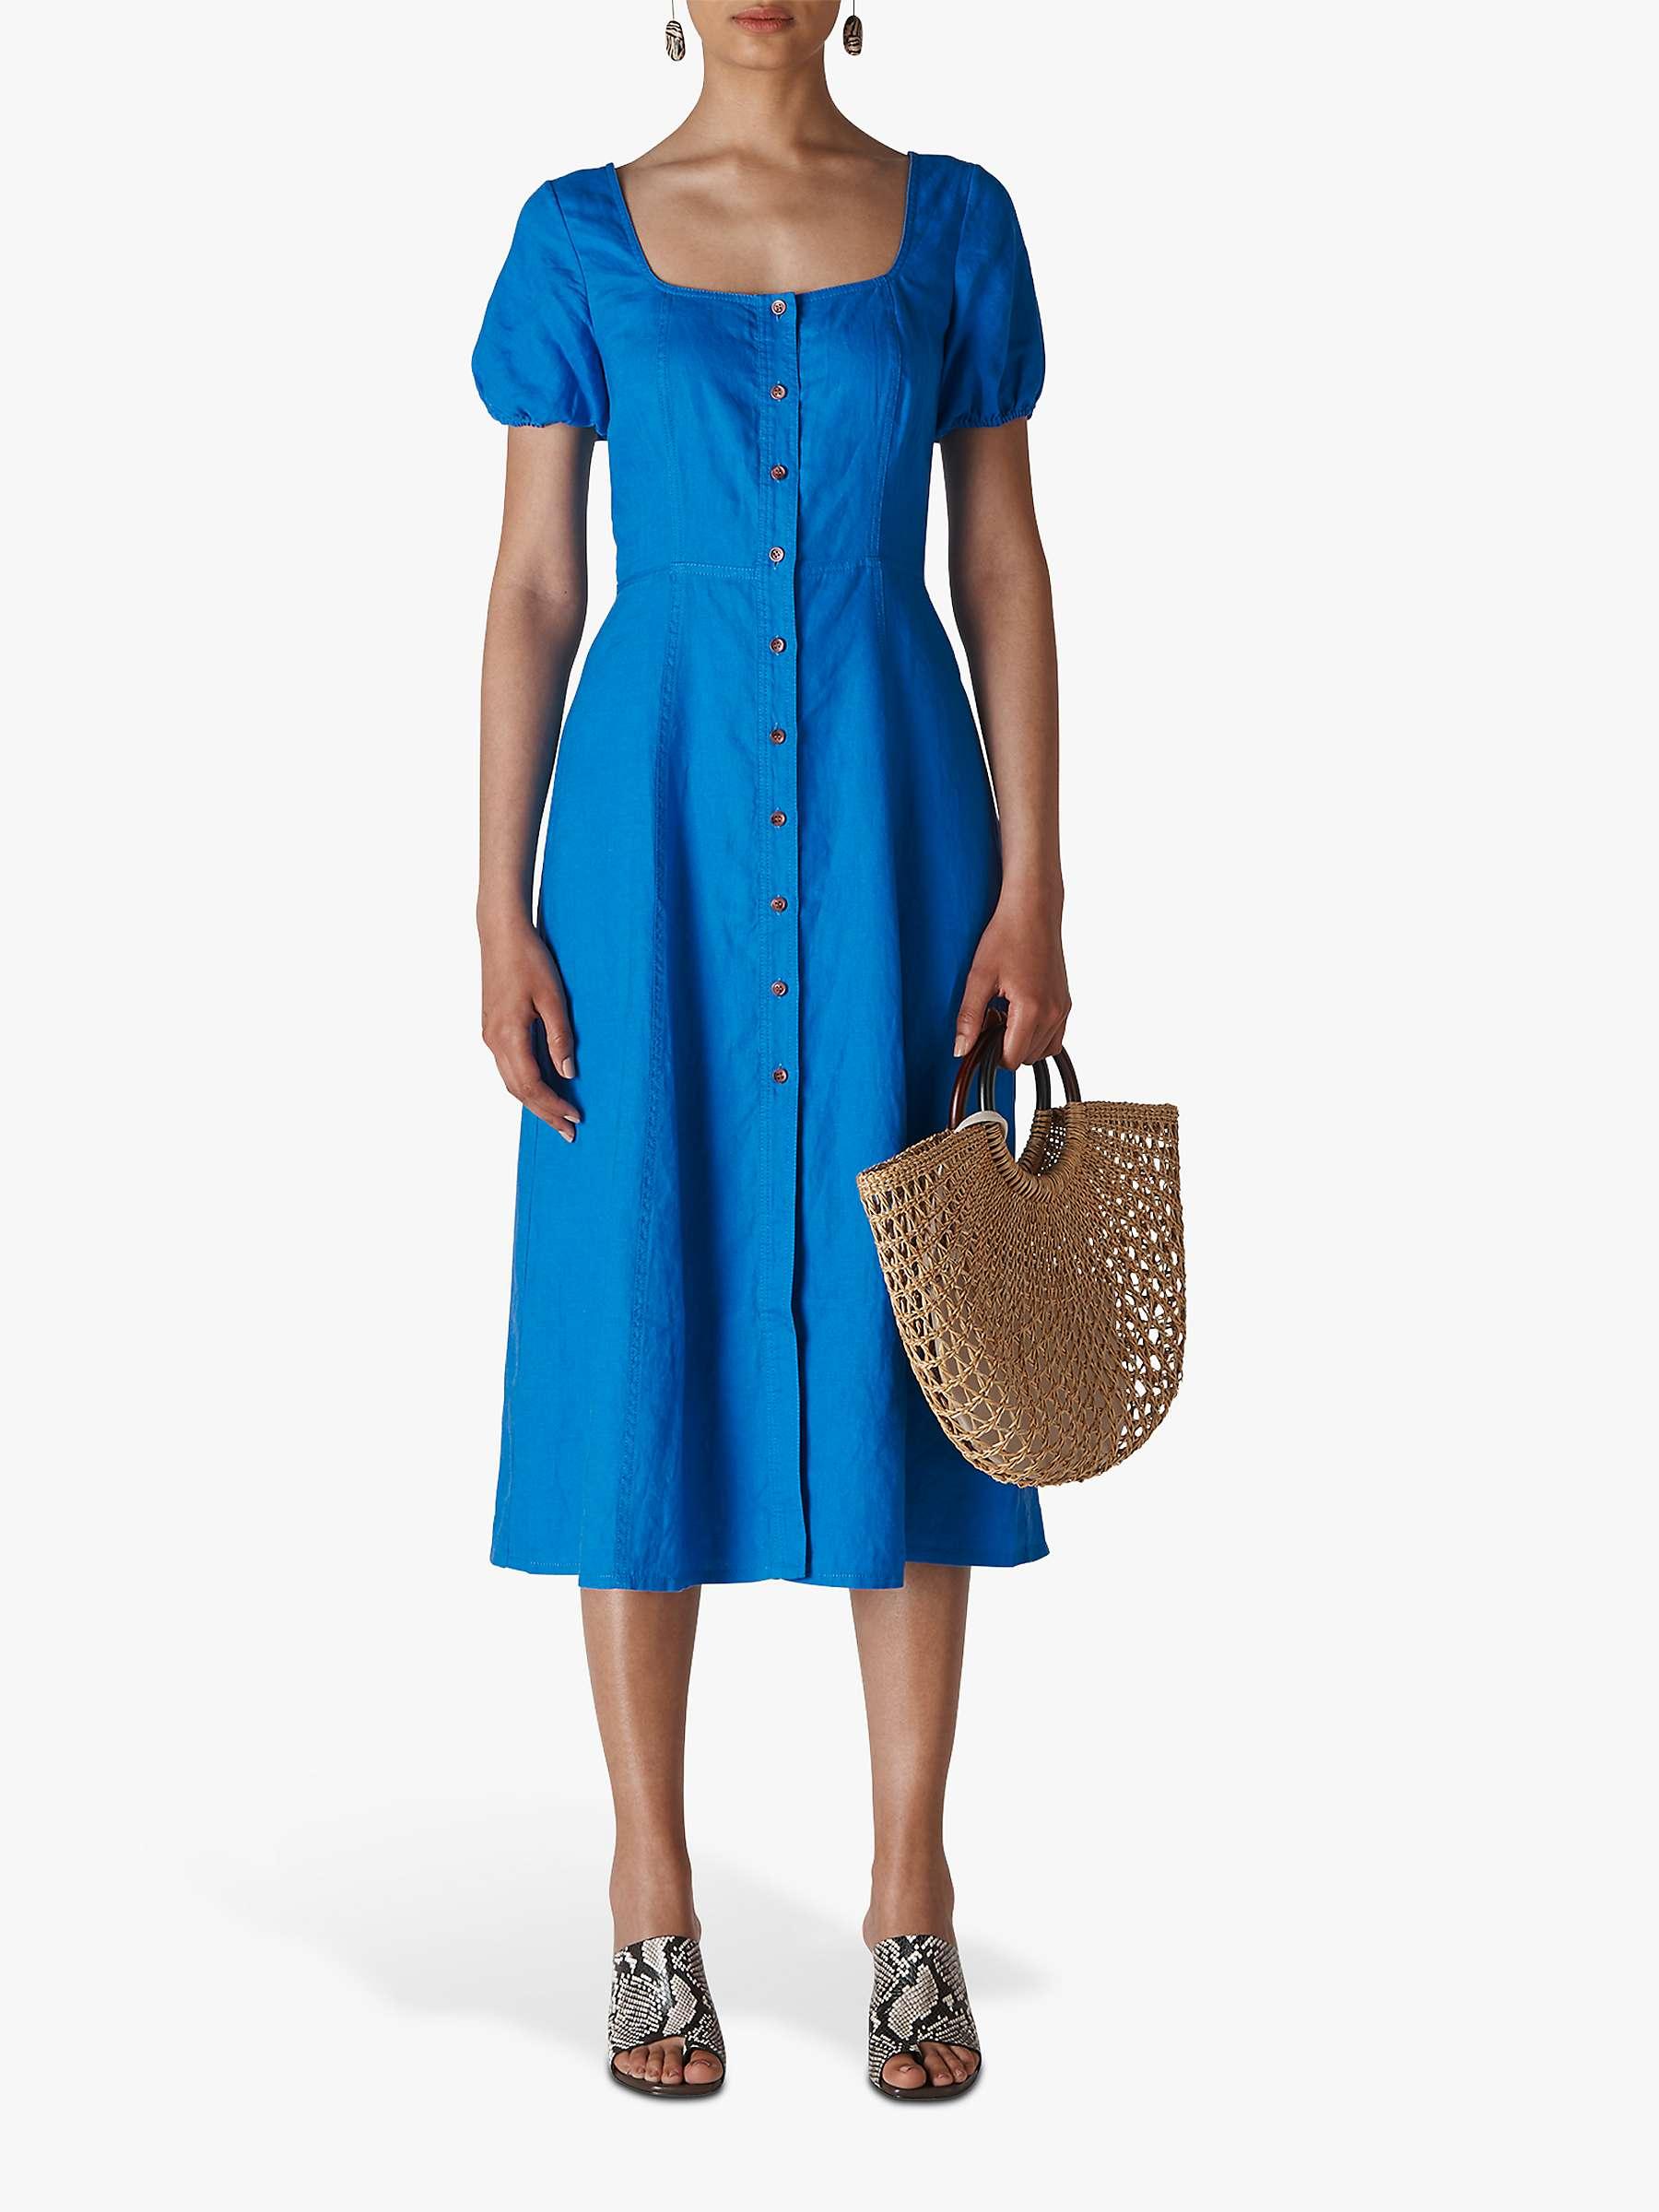 Whistles Remi Linen Dress, Blue by John Lewis